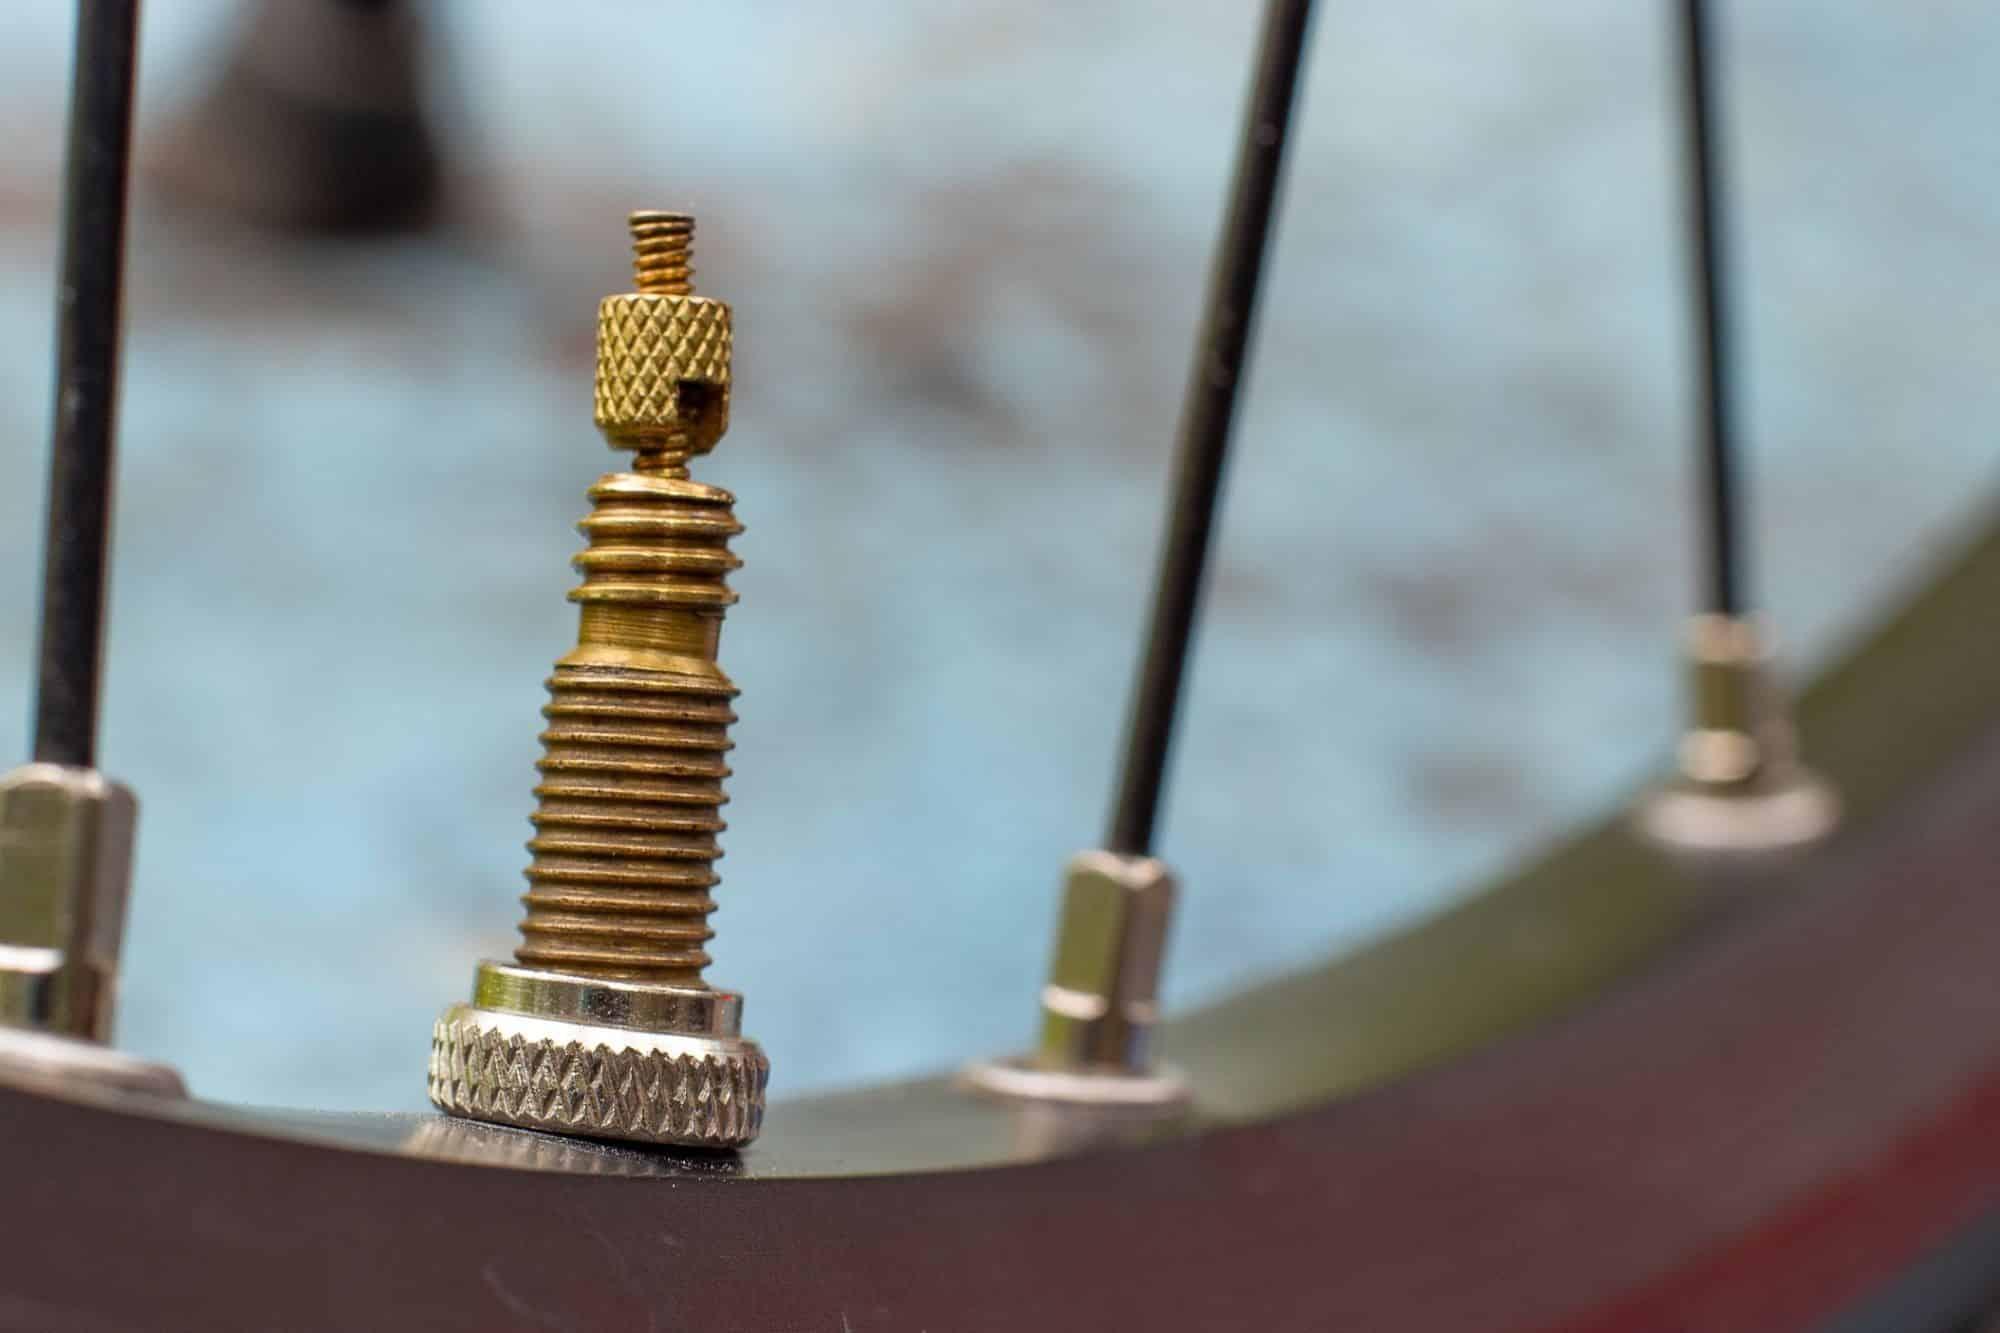 Fahrradventile Arten: welche gibt es?  Sclaverandventil,  Dunlopventil und Schraderventil